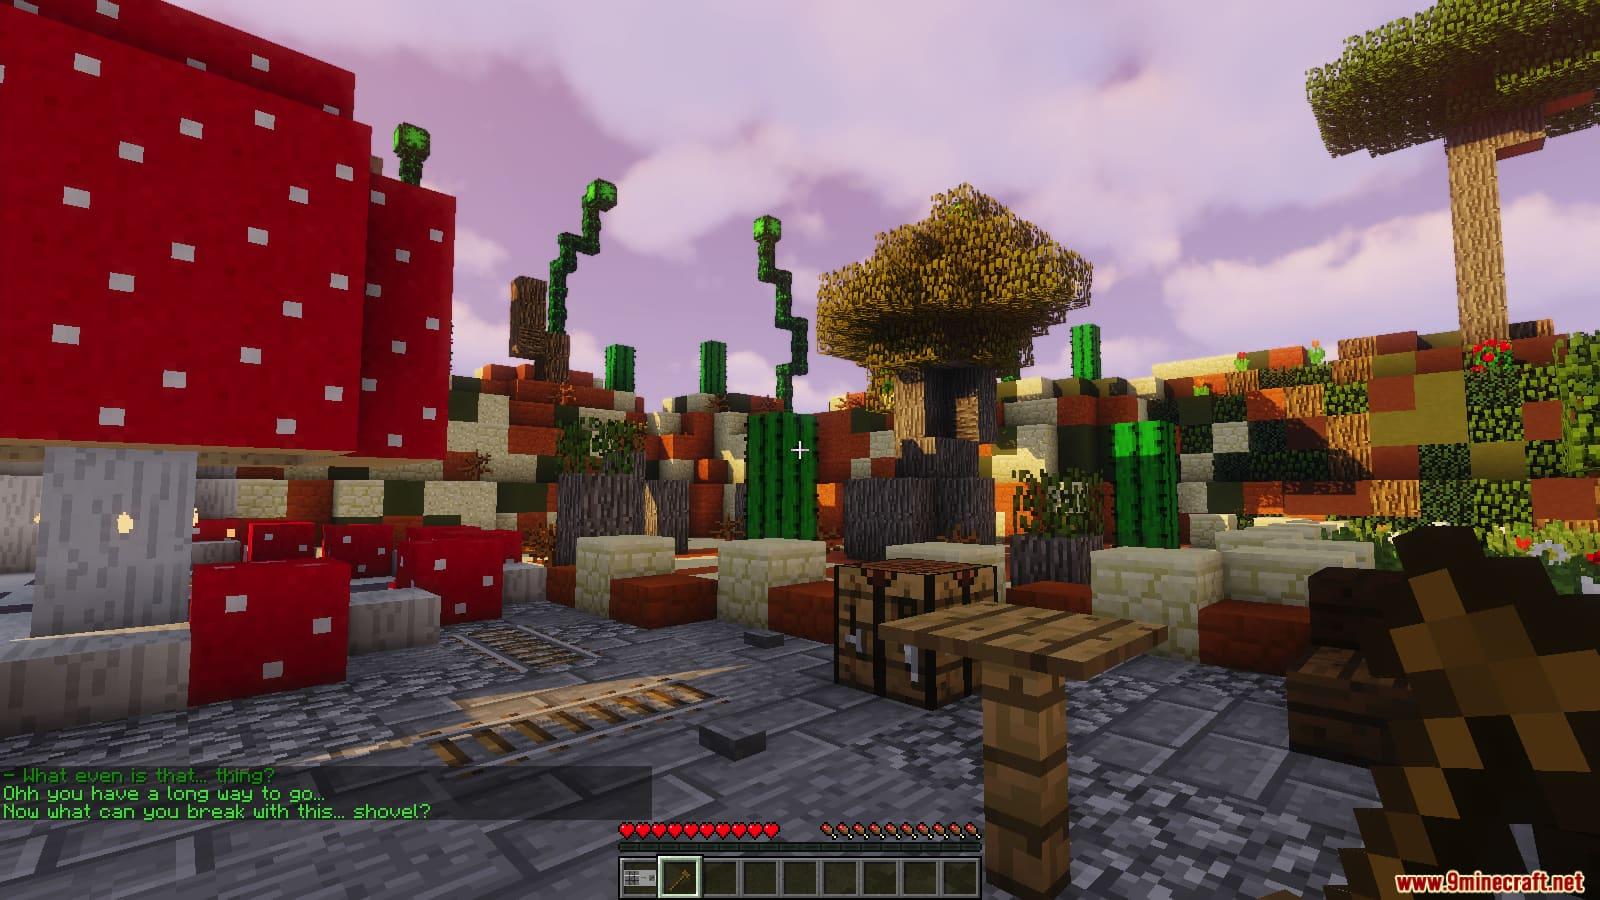 The Shovel Quest Map Capturas de pantalla 3